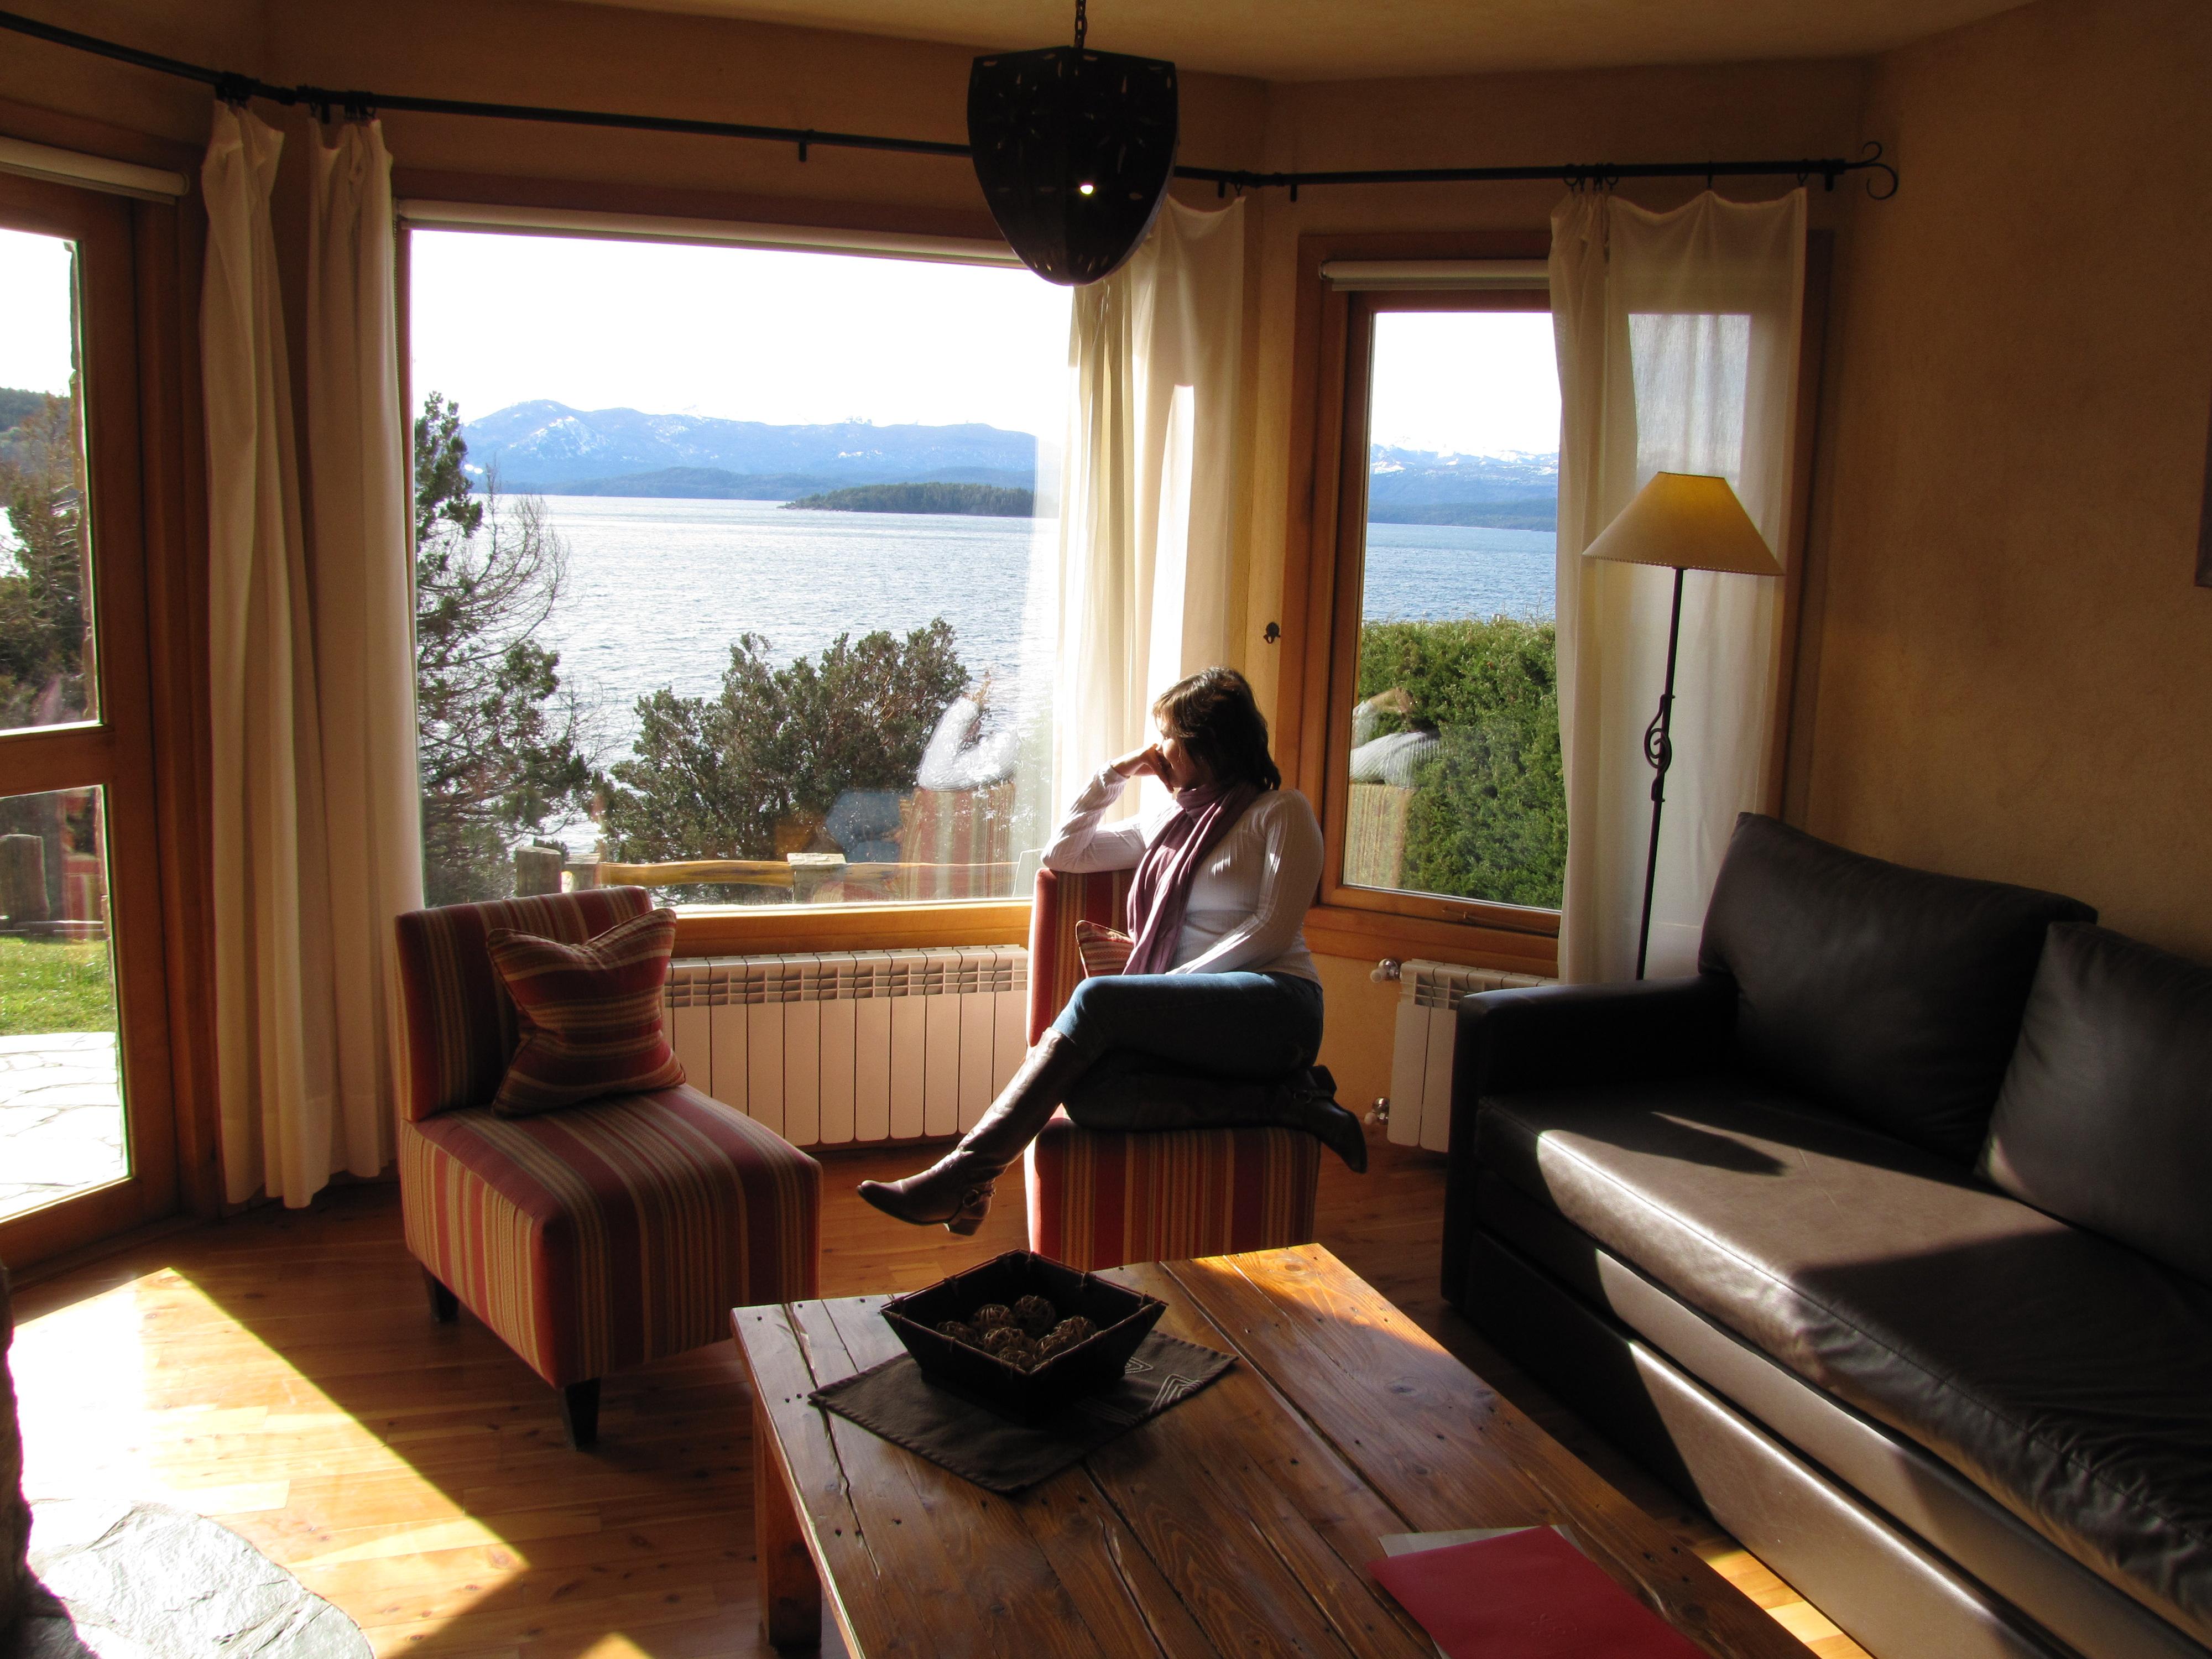 #2766A4 muitos detalhes em madeira piso janelas móveis a madeira cipreste 474 Janelas Duplas Madeira